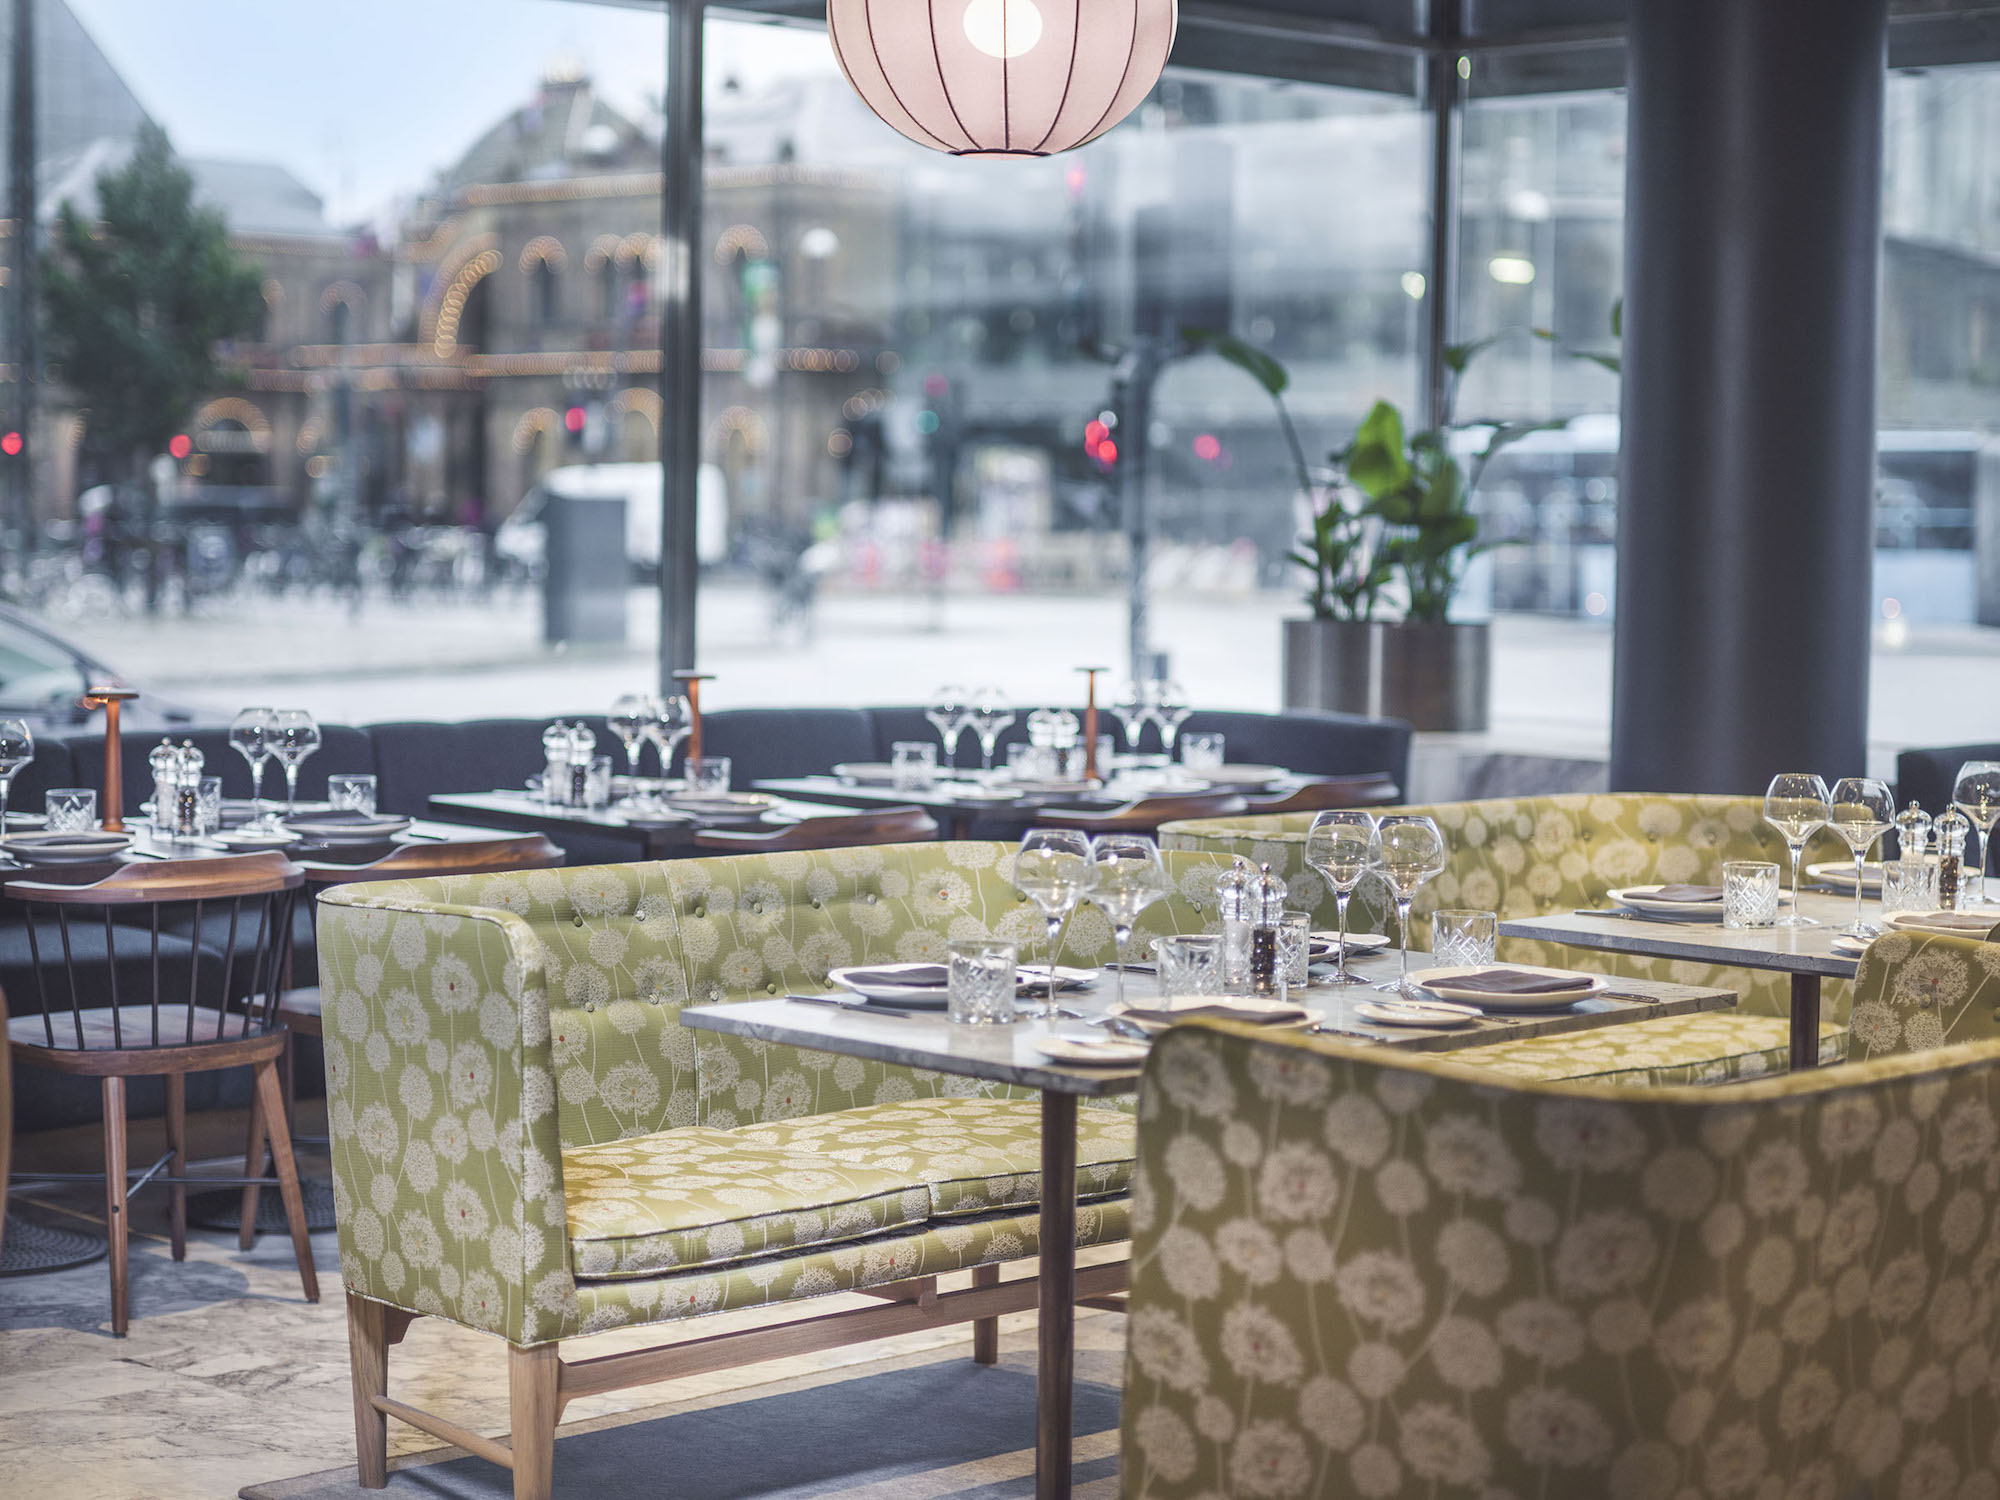 The Café Royal restaurant of the Radisson Blu Royal Hotel in Copenhagen designed by Arne Jacobsen